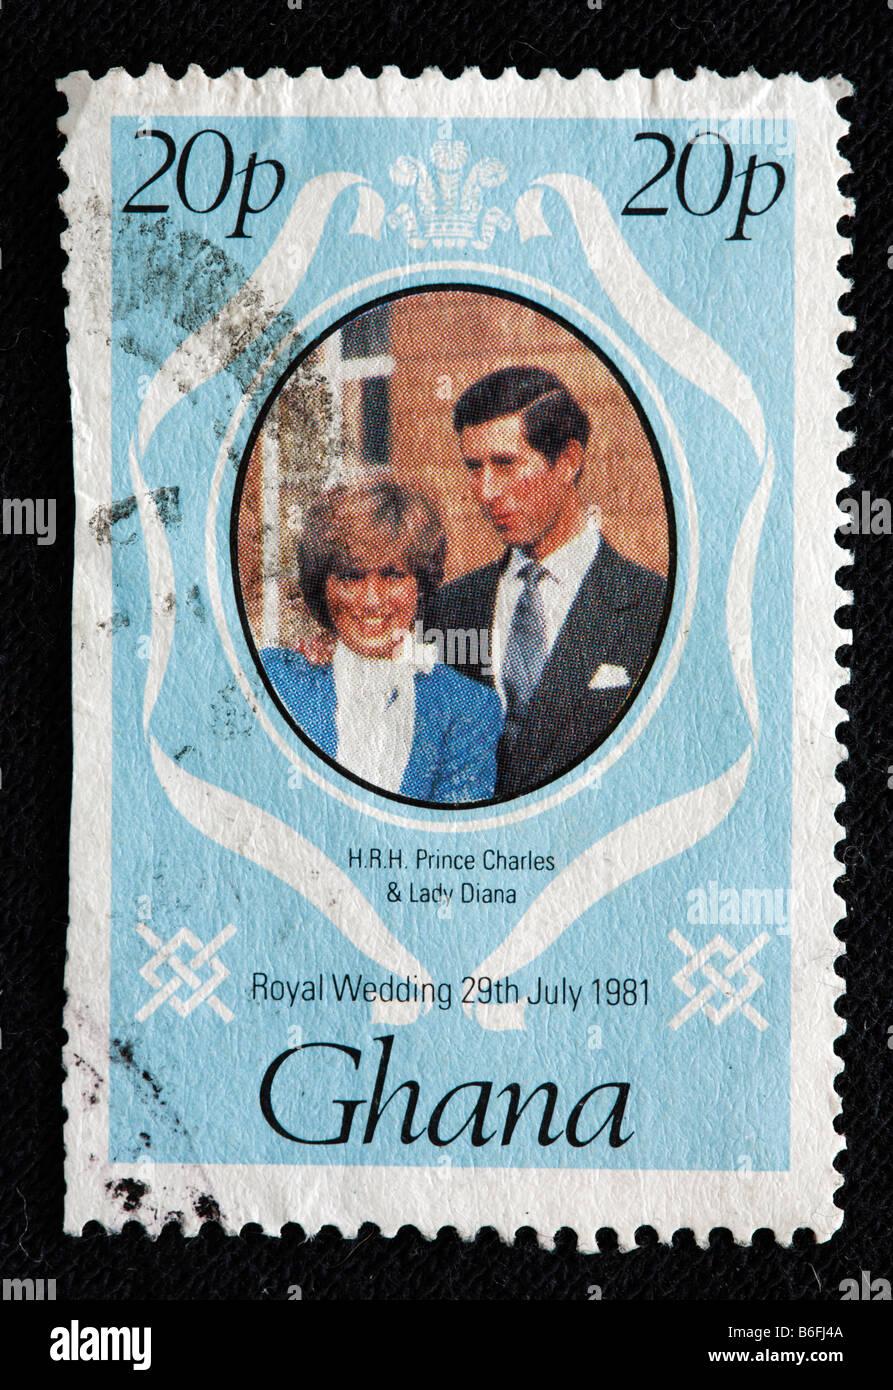 Mariage du Prince Charles et de Lady Diana le 29 juillet 1981, timbre-poste, Ghana, 1981 Banque D'Images